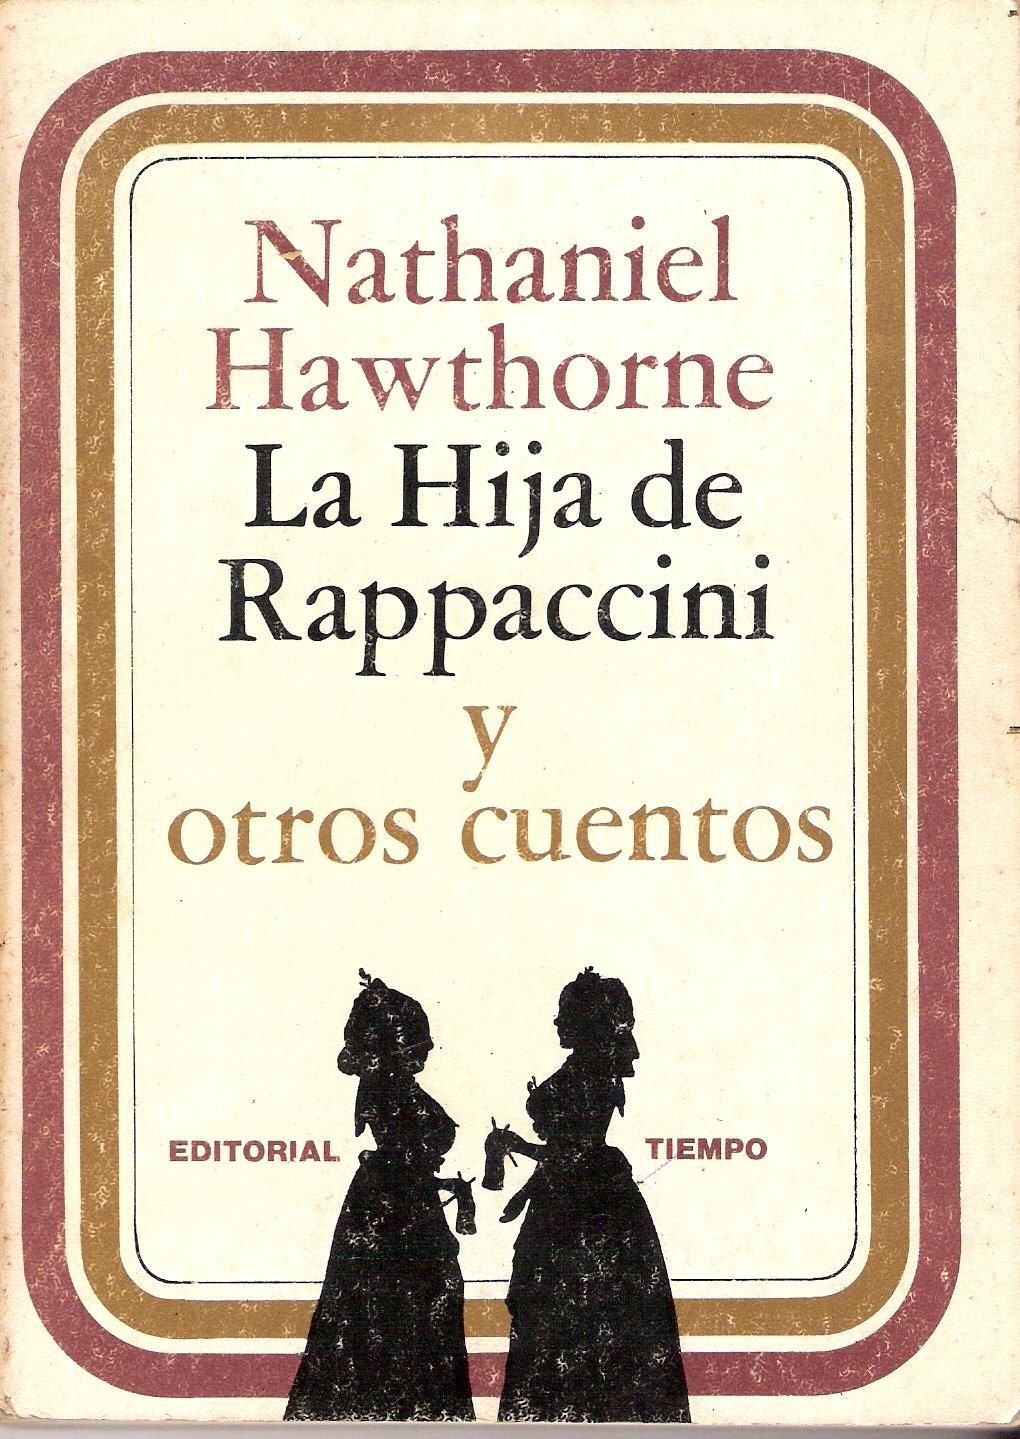 La hija de Rappaccini y otros cuentos